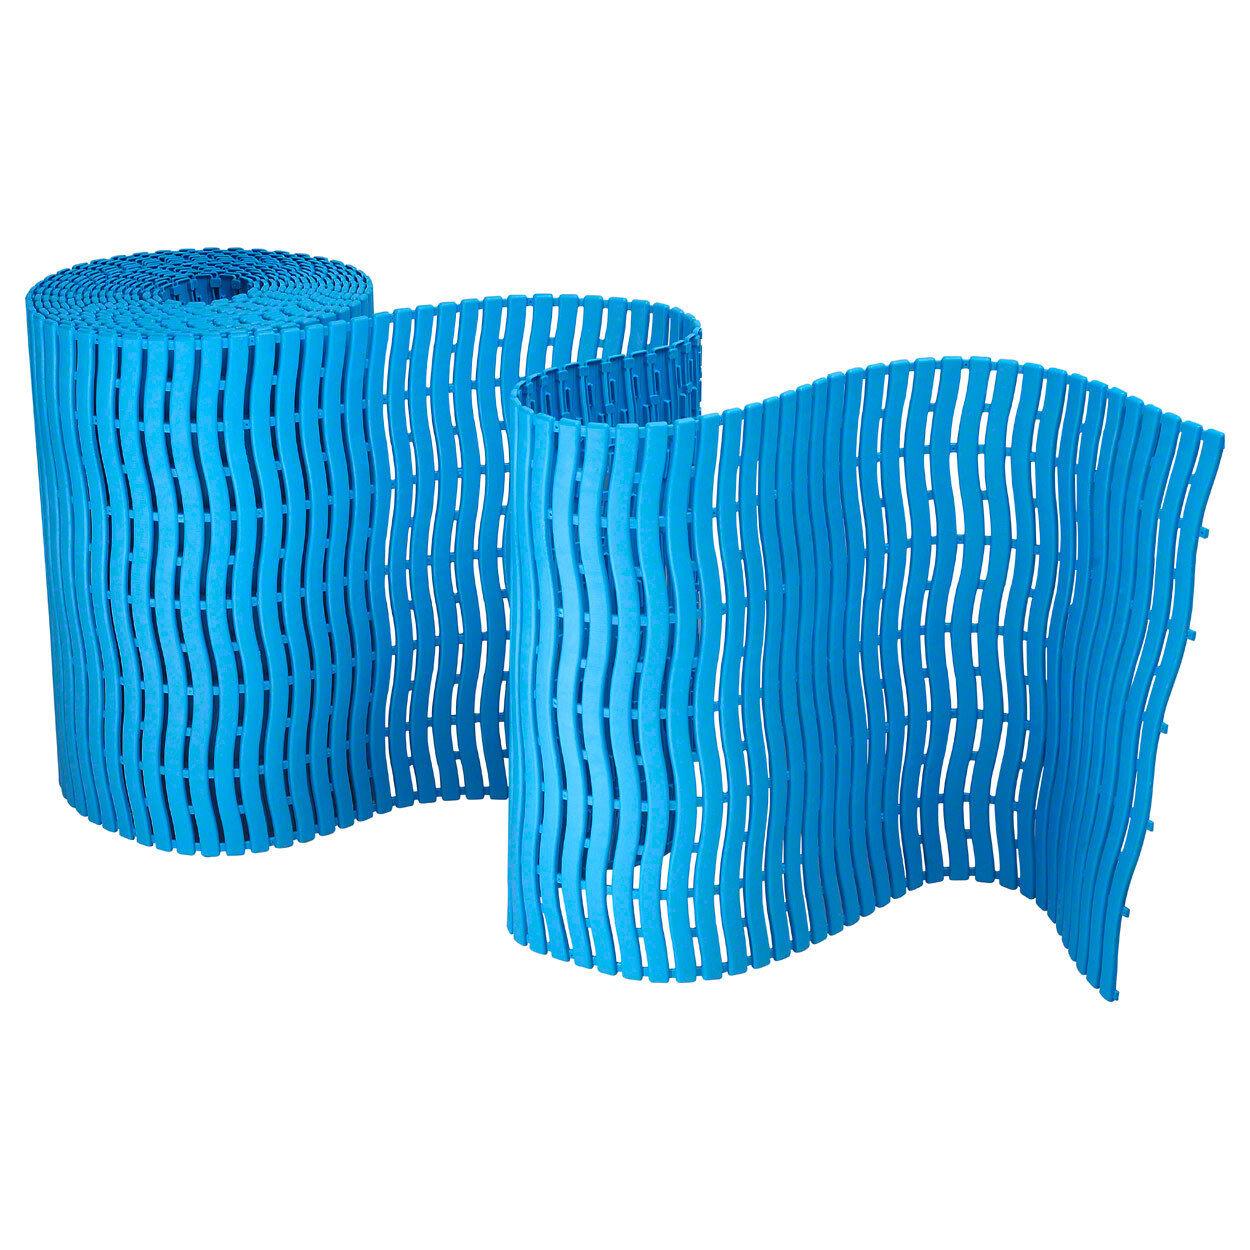 Durowalk Durowalk Durowalk Bädermatte Duschmatte Saunamatte Antirtuschmatte Schwimmbadmatte Blau dd90f2